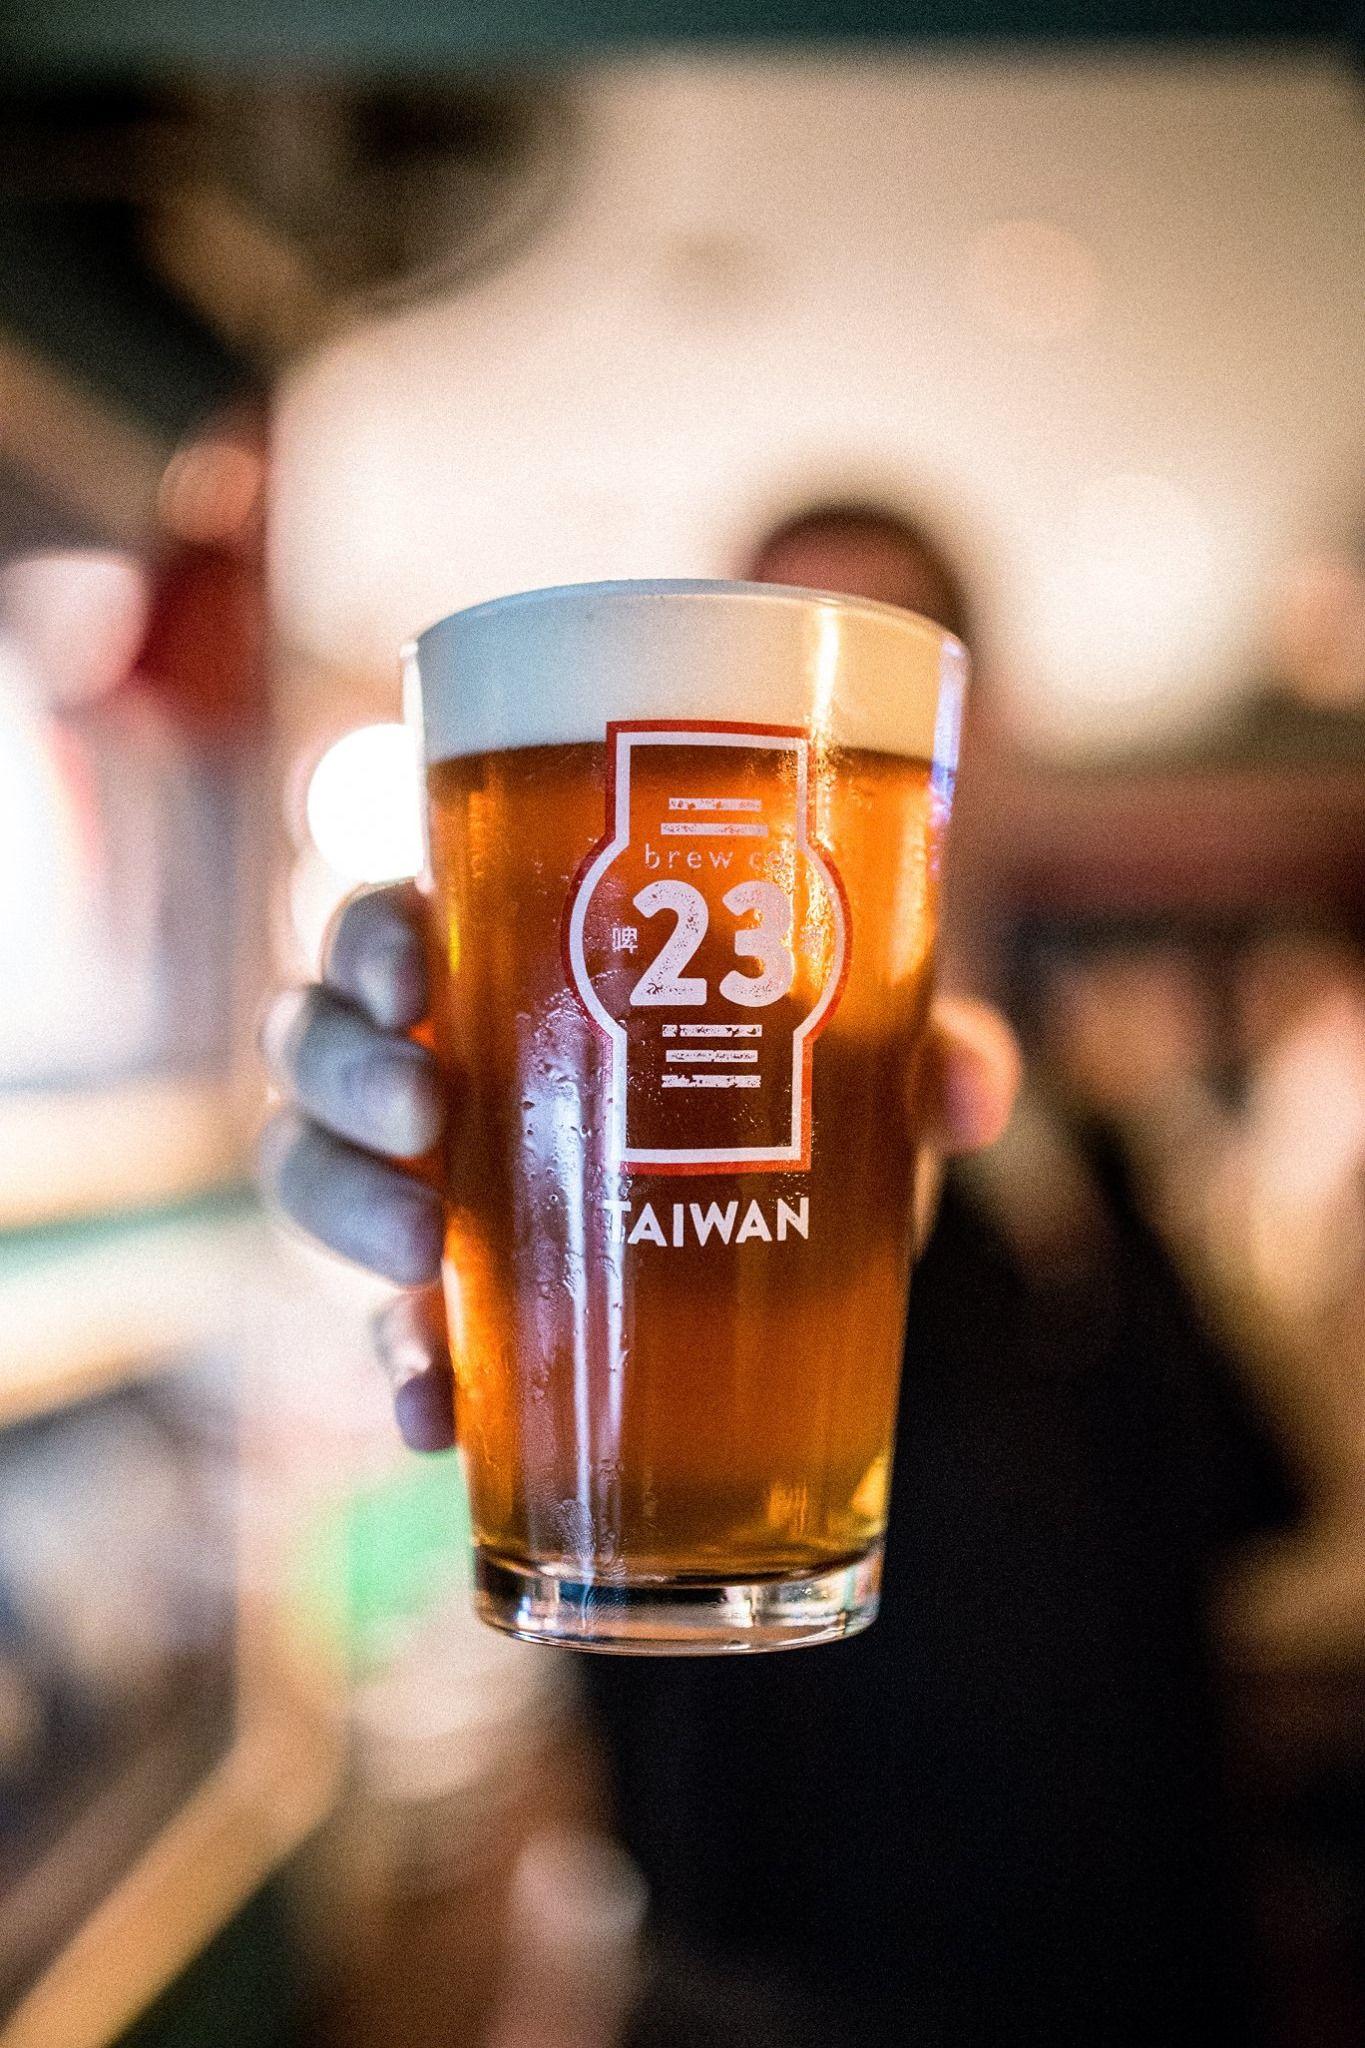 20+ Colorado craft beer list ideas in 2021